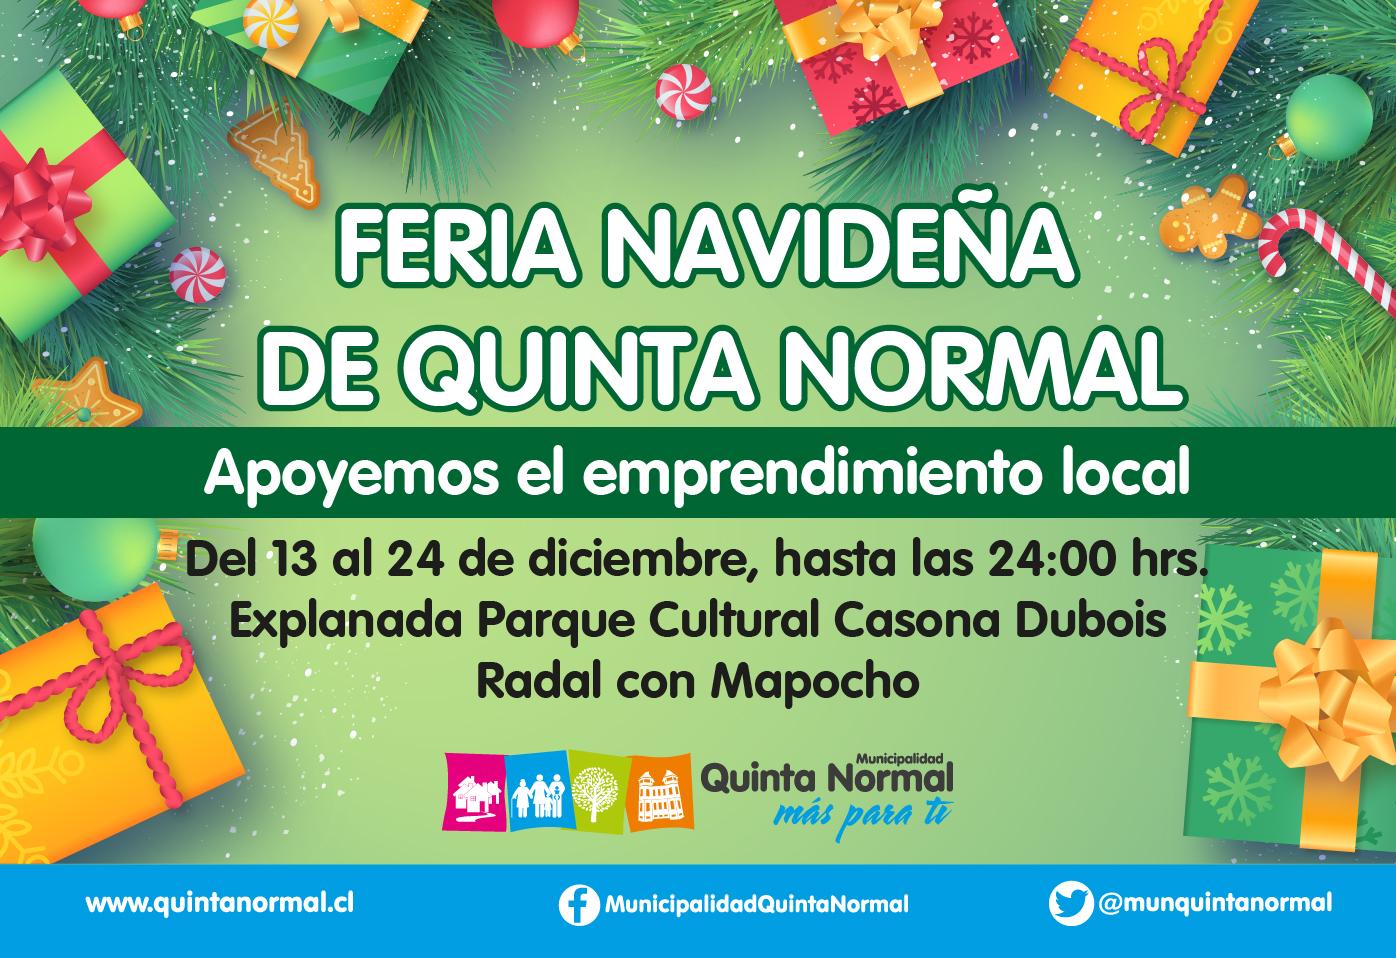 Feria Navideña Quinta Normal